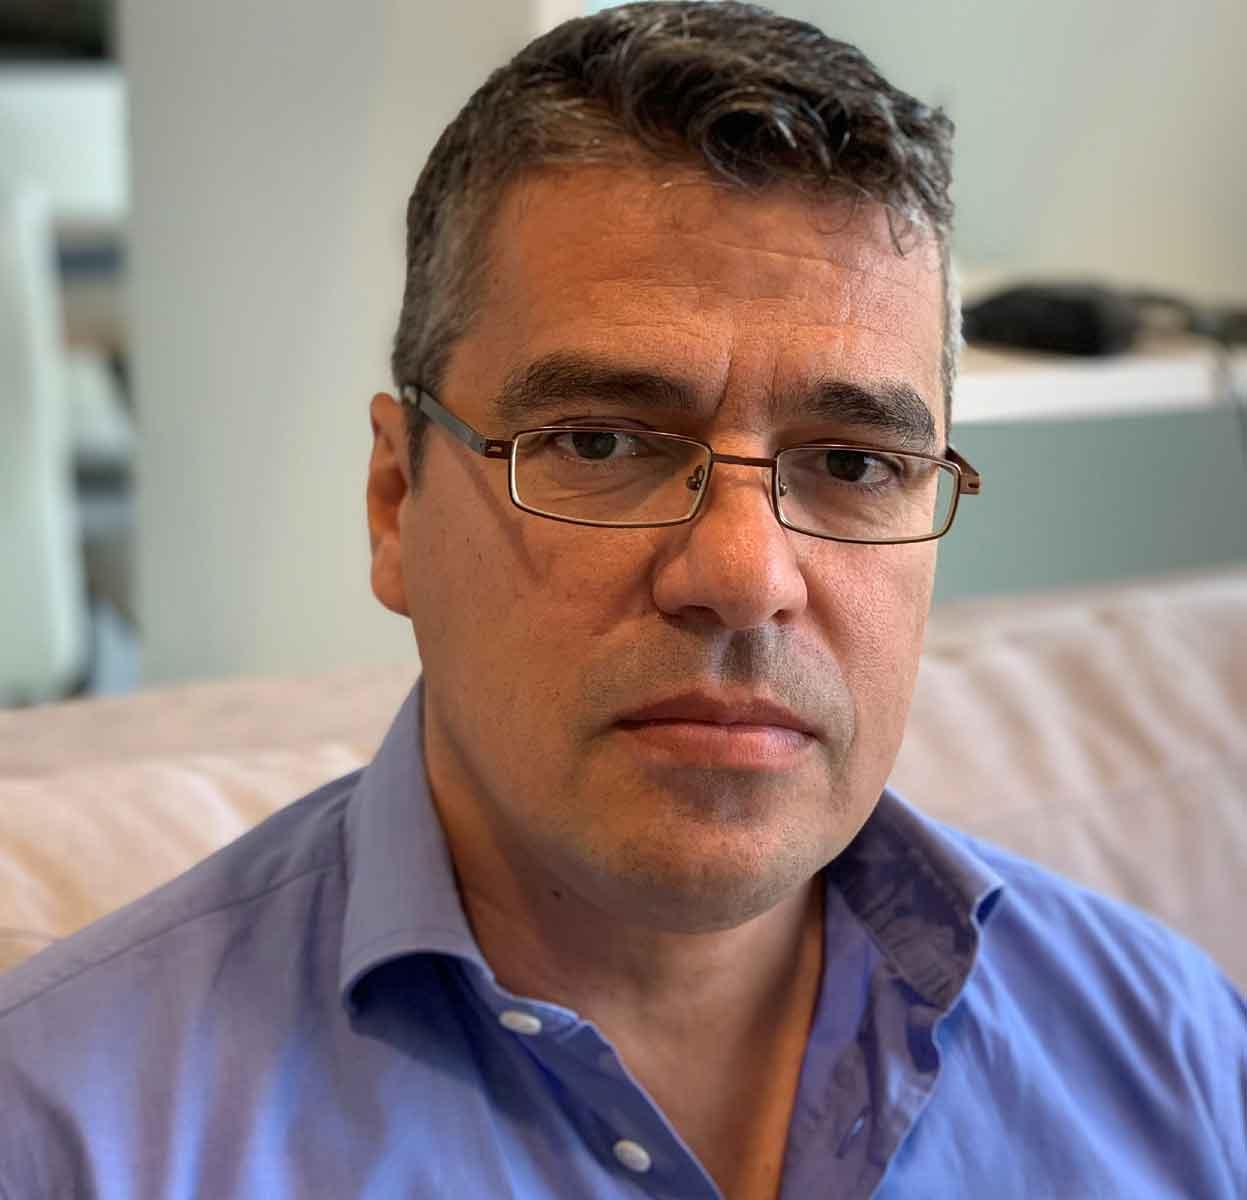 Dimitris Tzovaras